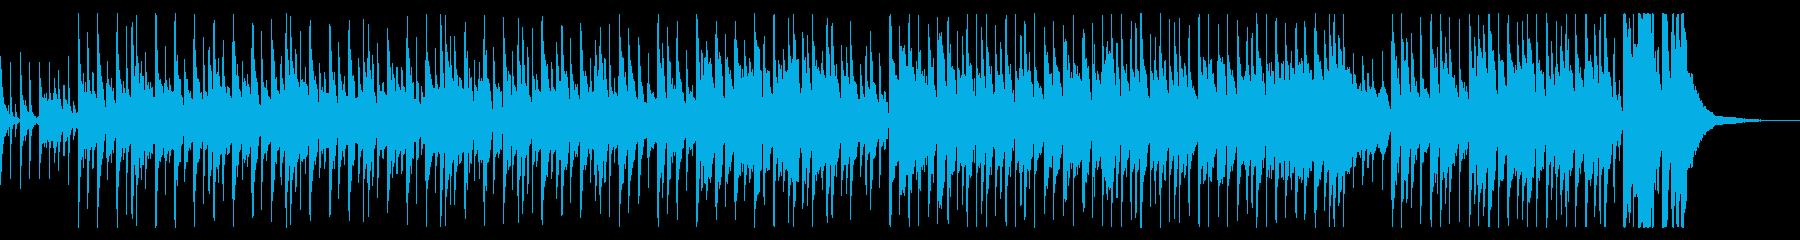 中華の雰囲気感じるBGMの再生済みの波形